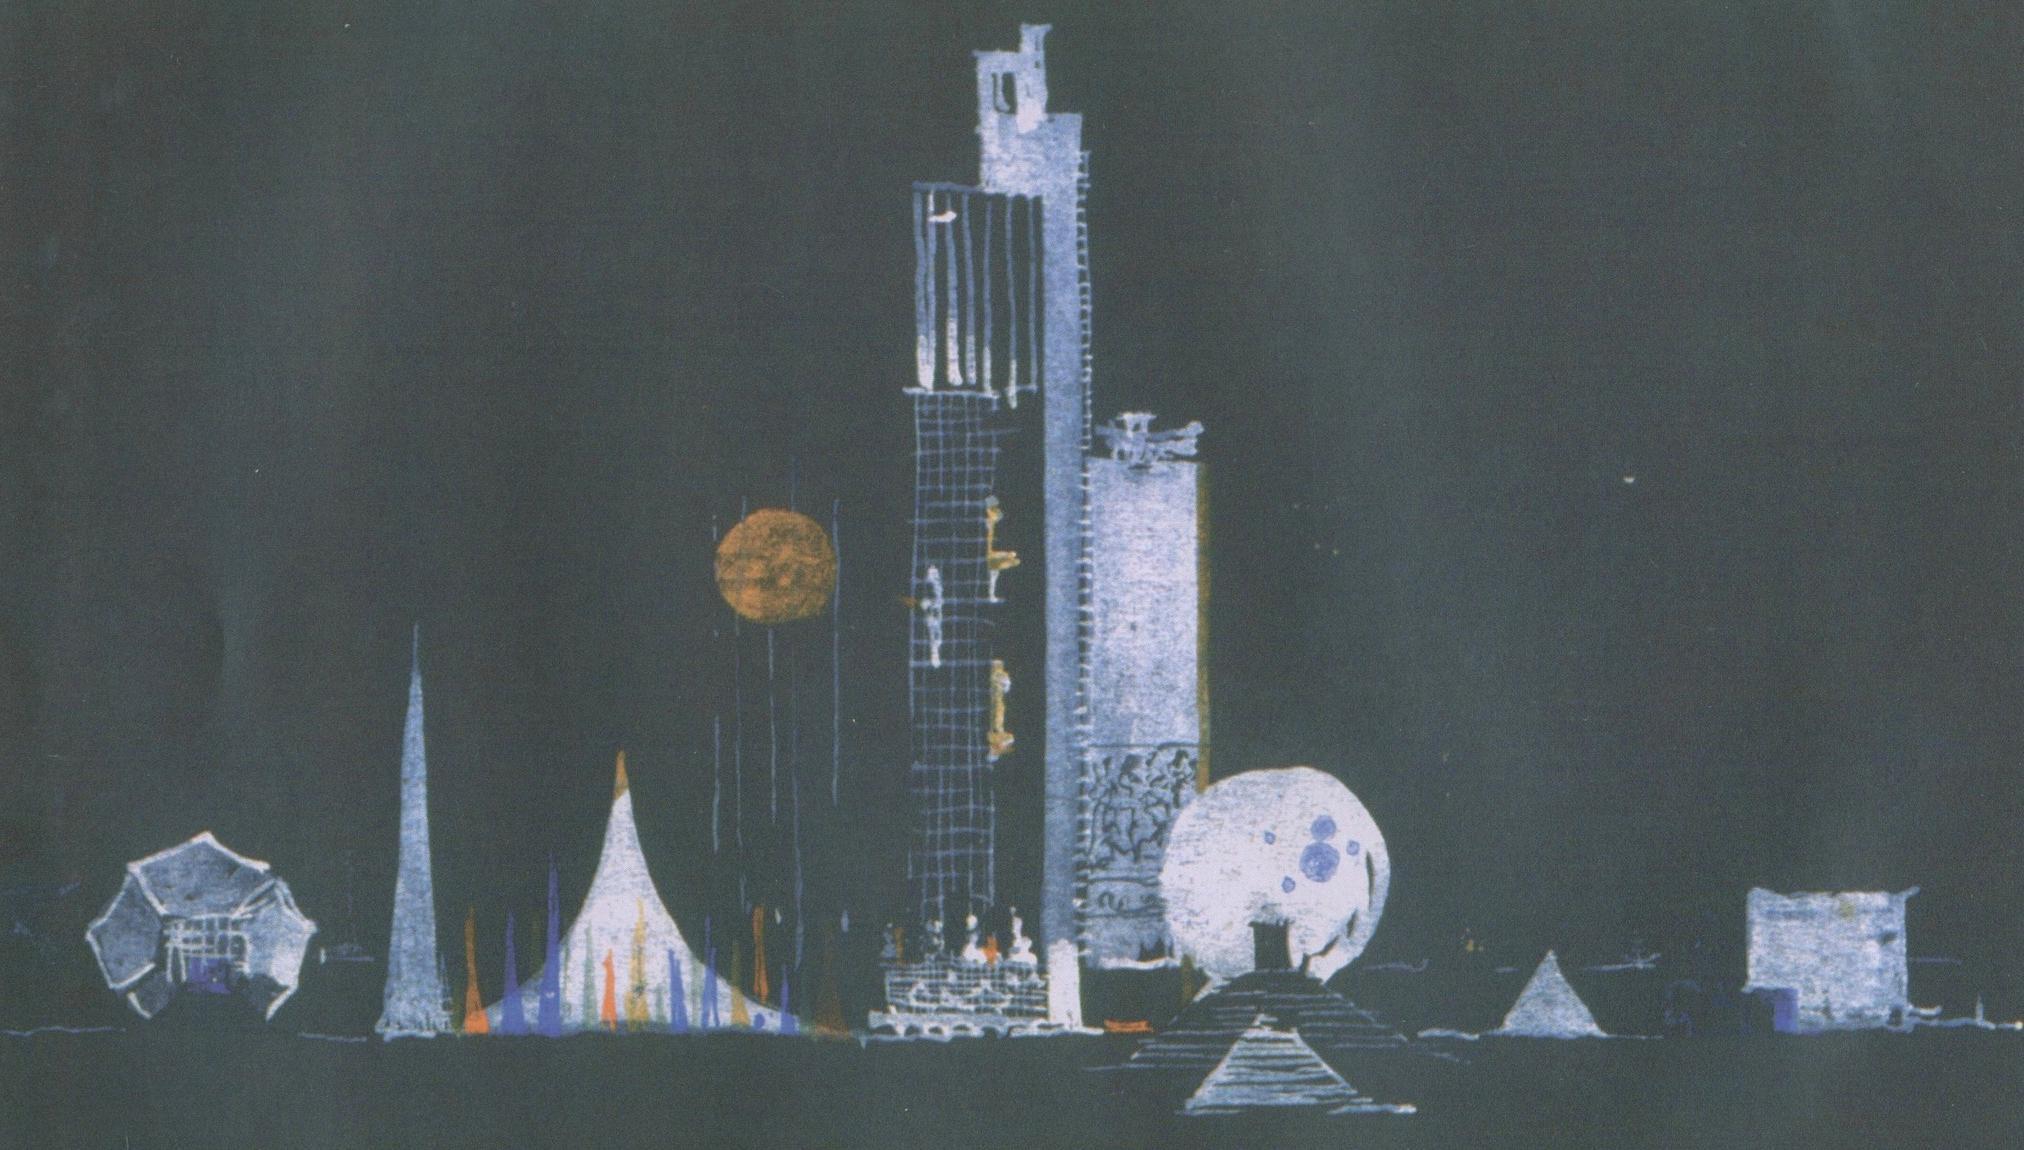 В Твери на «Рельсах» расскажут о гении «бумажной архитектуры» Иване Леонидове - новости Афанасий